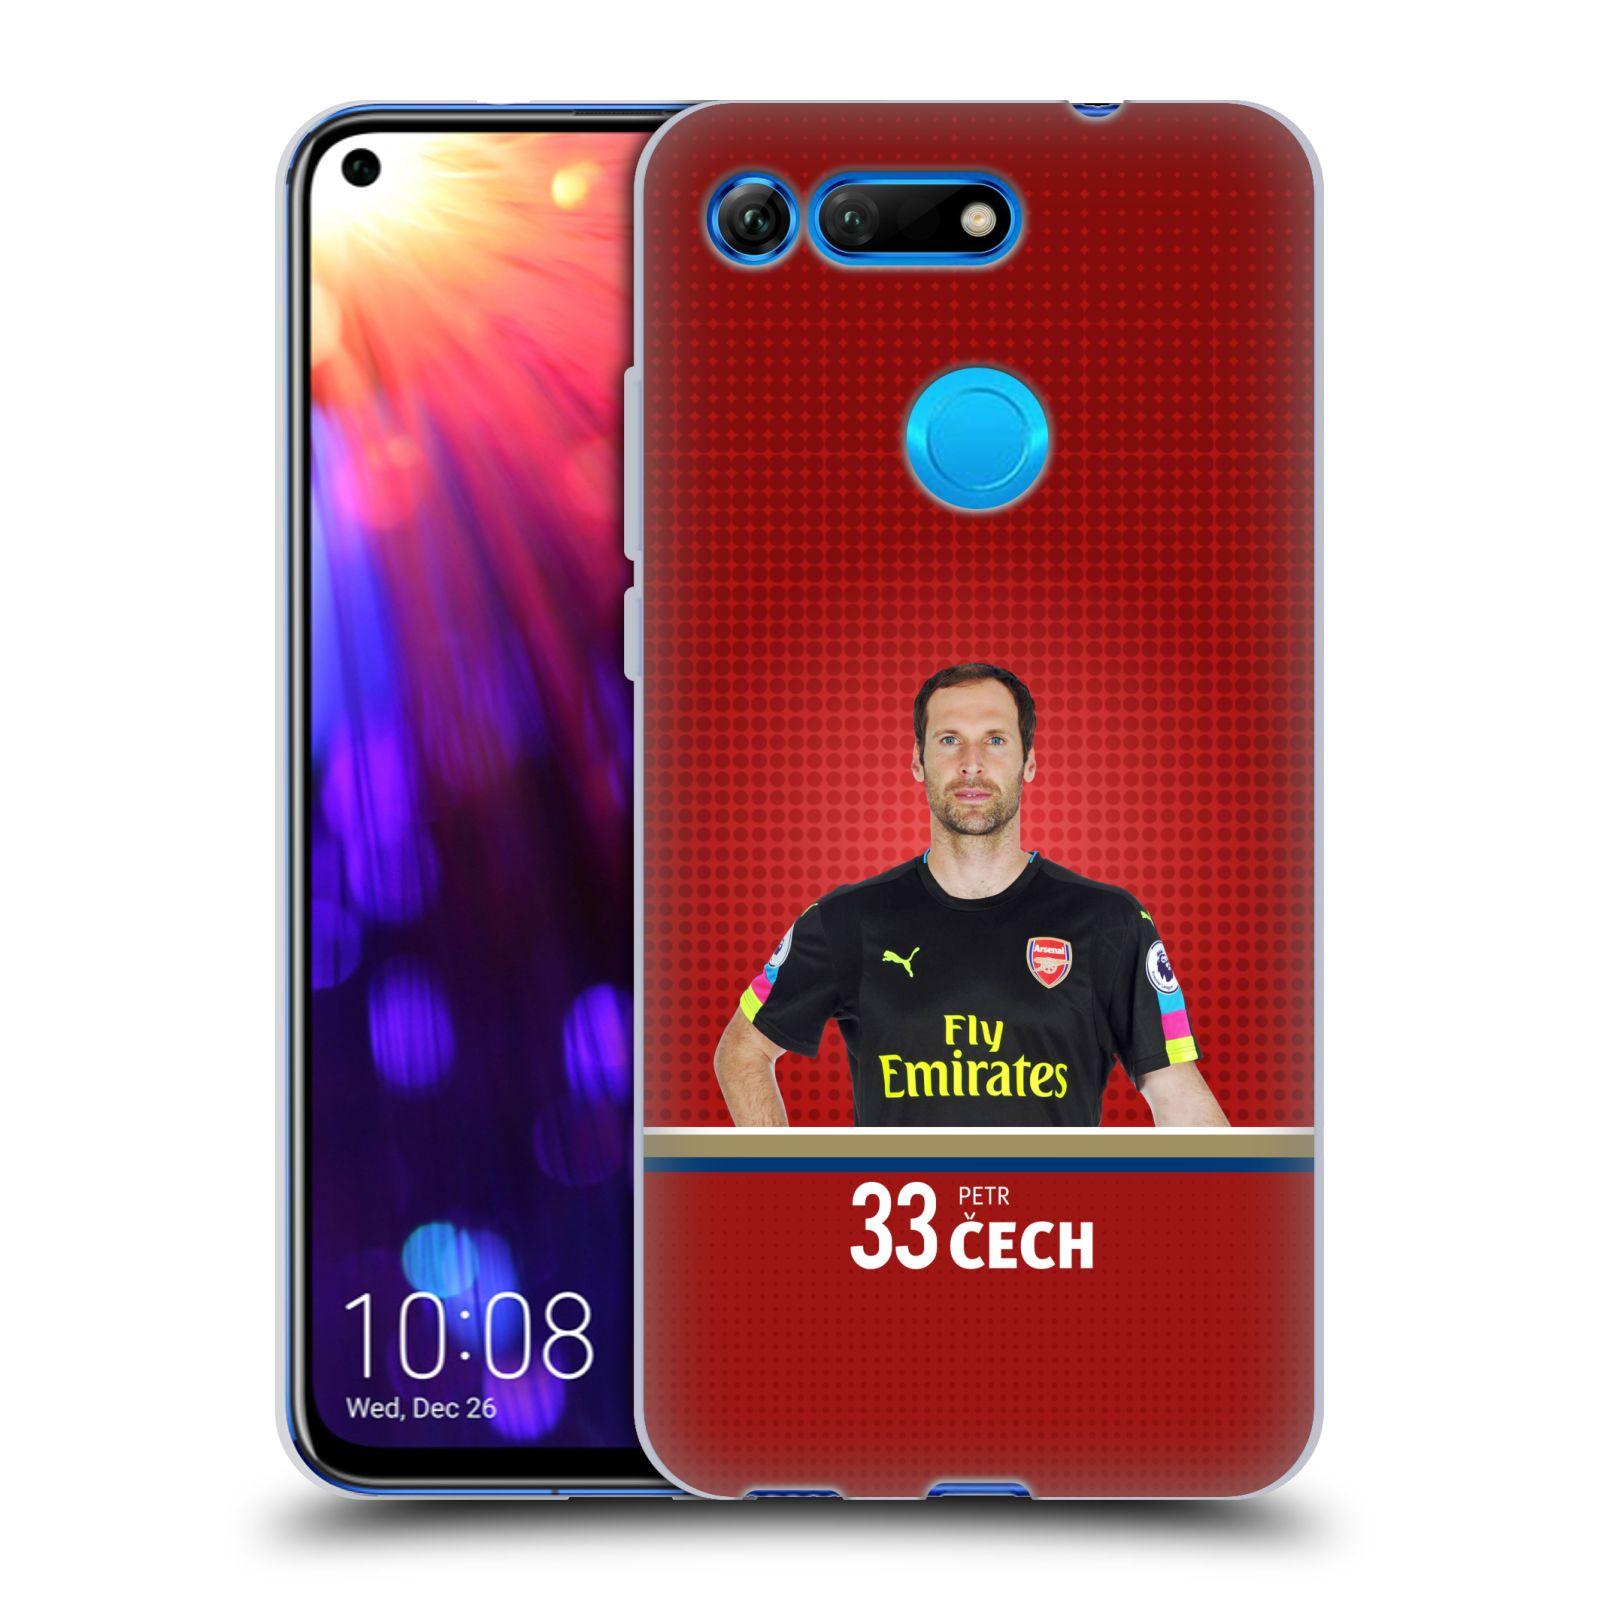 Silikonové pouzdro na mobil Honor View 20 - Head Case - Arsenal FC - Petr Čech